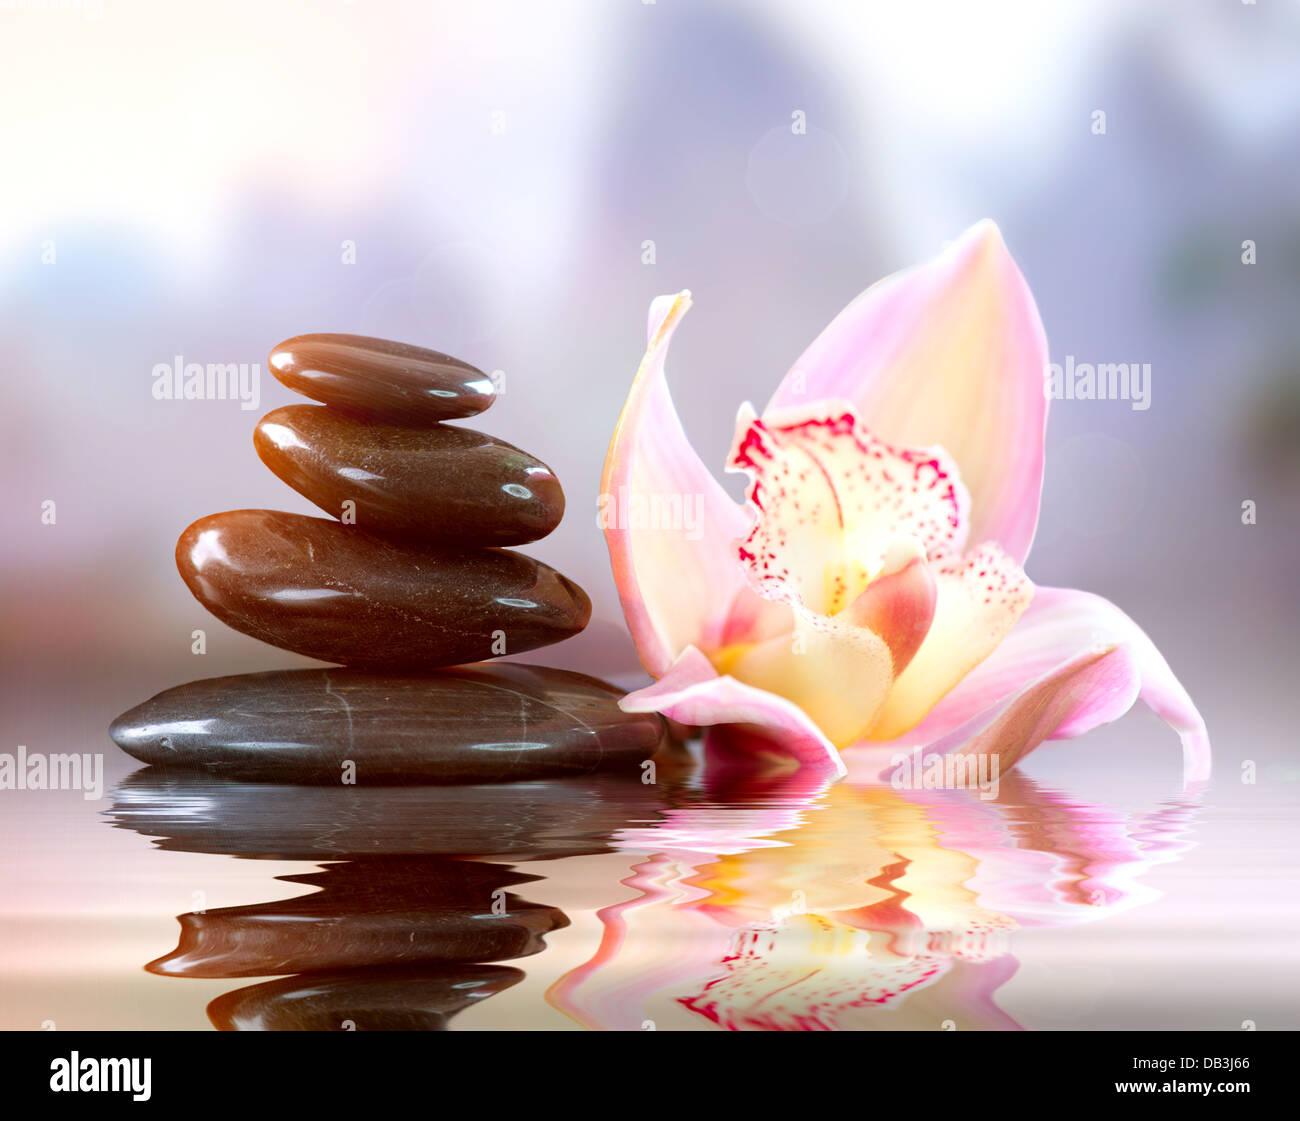 Spa Zen Stones. Harmony Concept - Stock Image